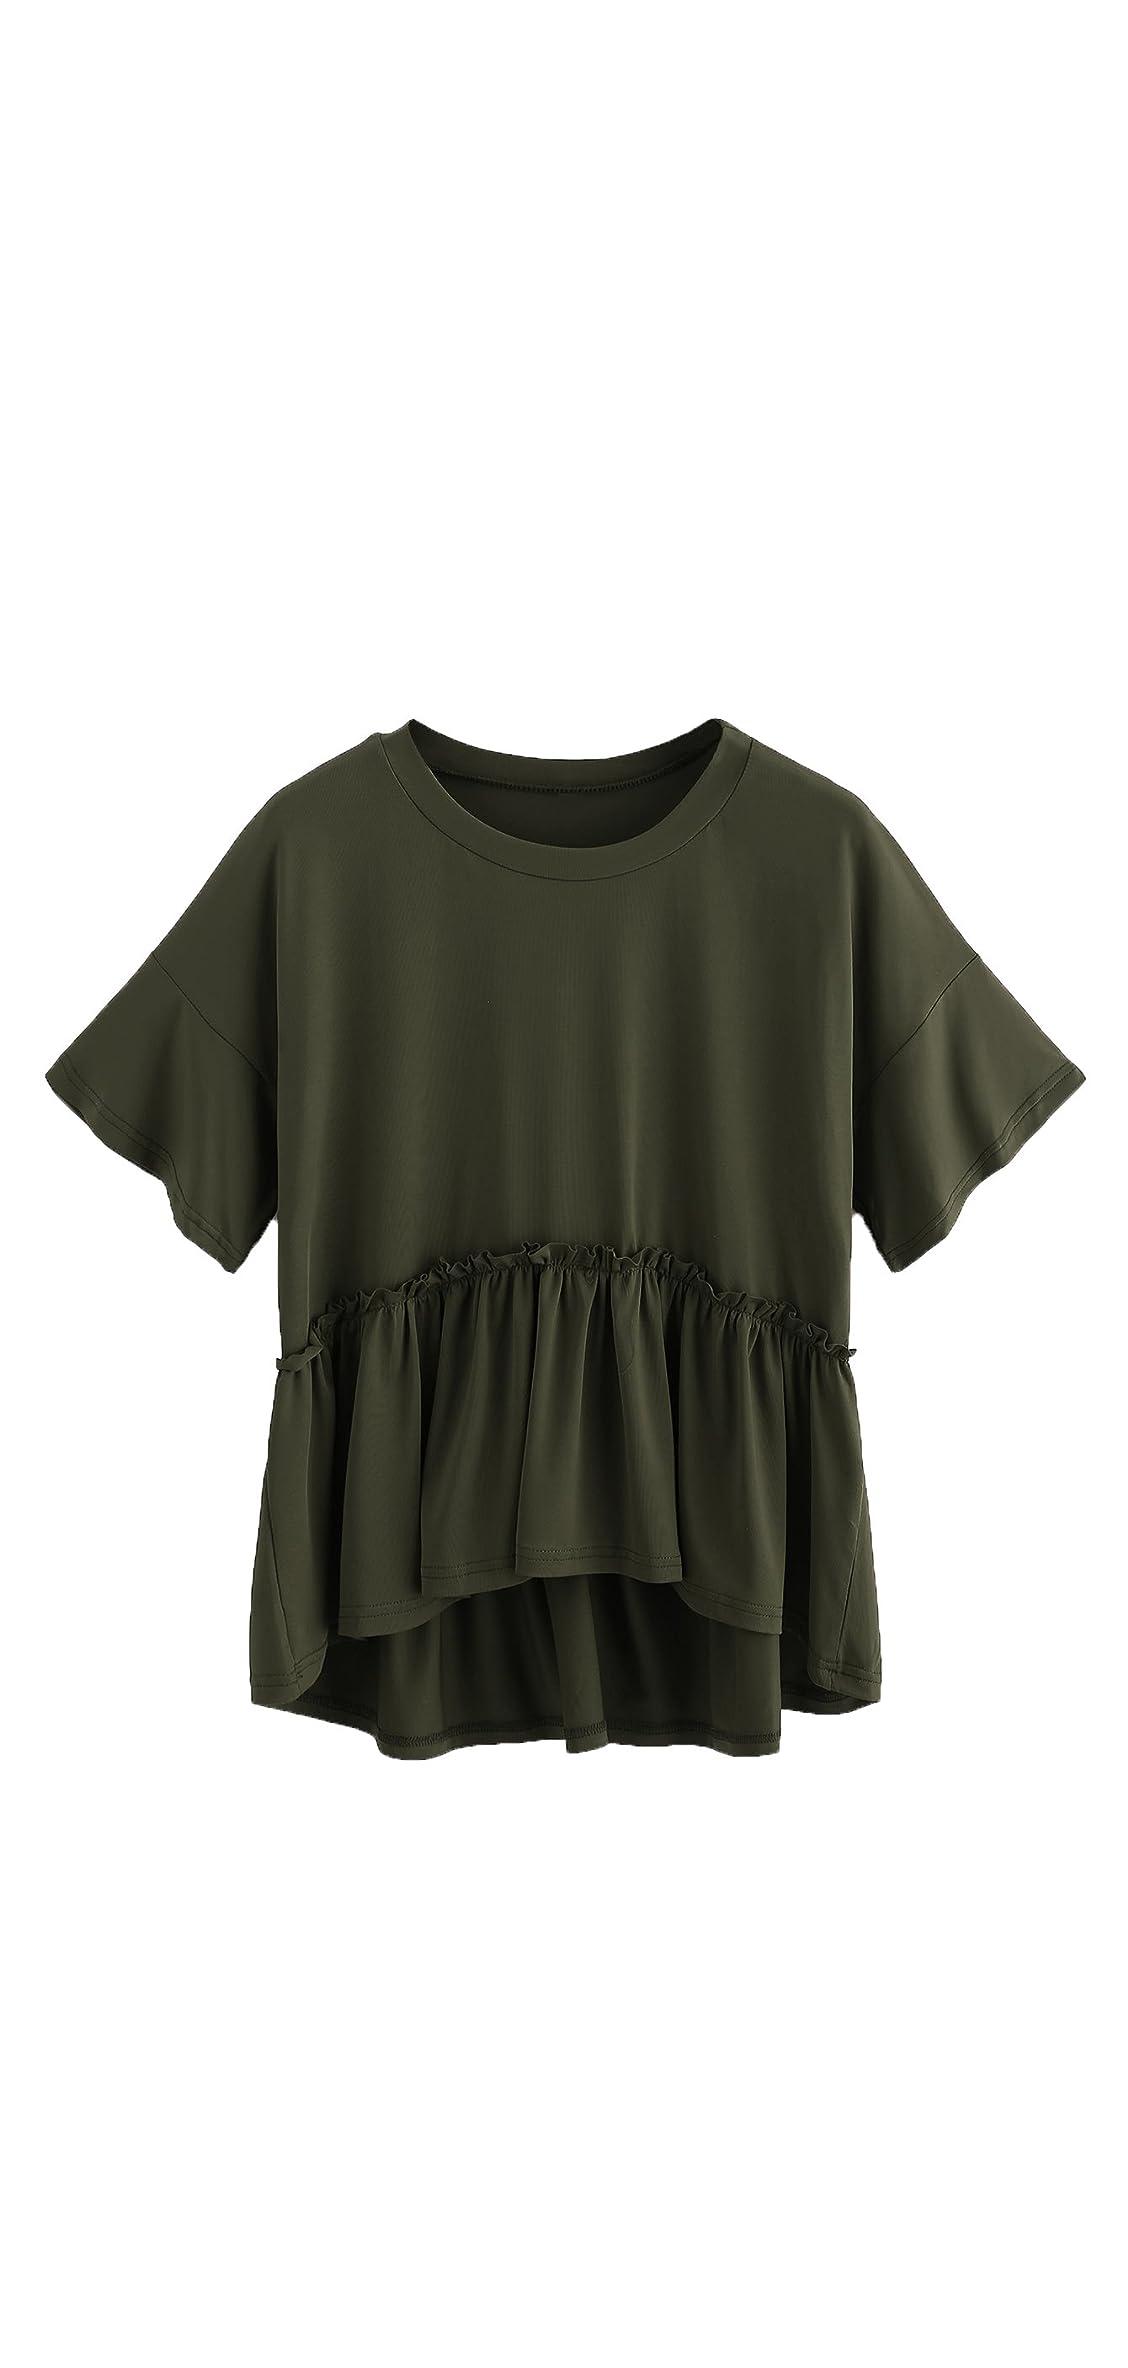 Women's Loose Ruffle Hem Short Sleeve High Low Peplum Top